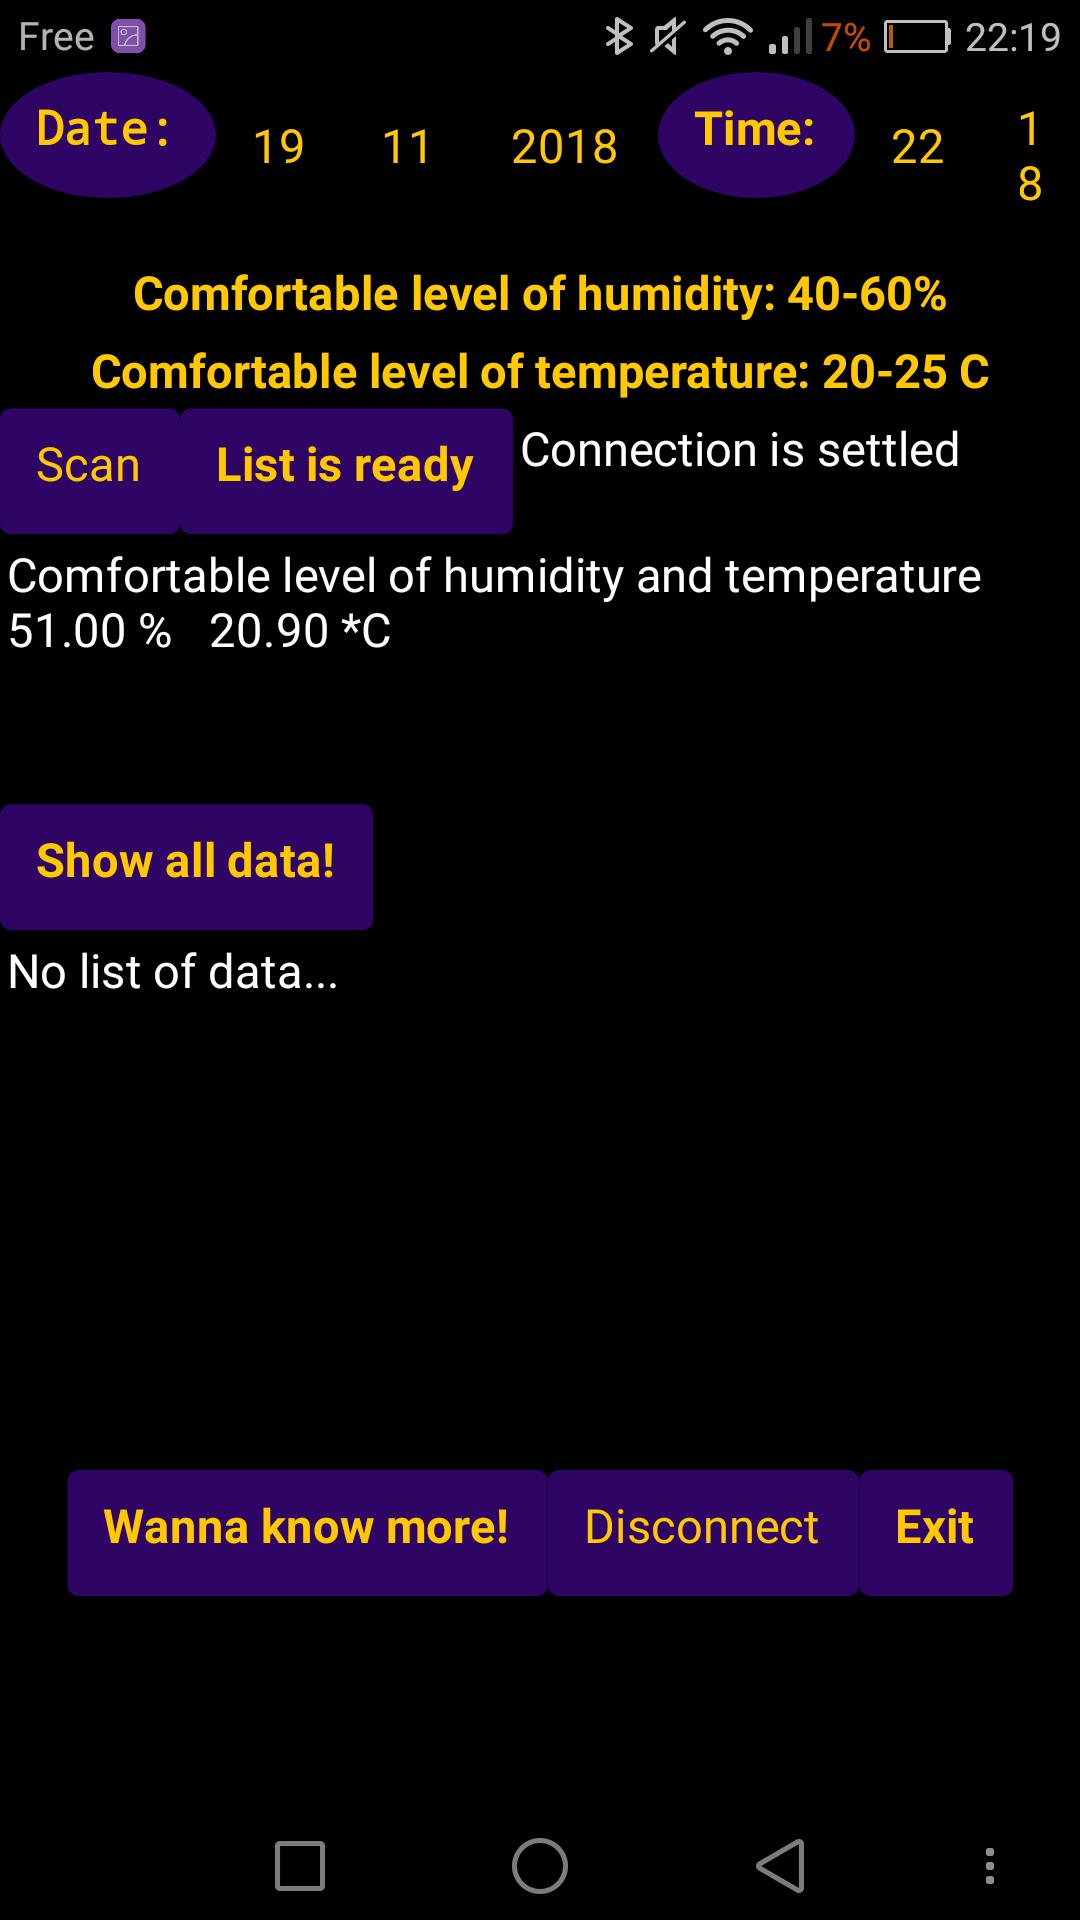 Screenshot 2018 11 19 22 19 14 7y8nuj8d95